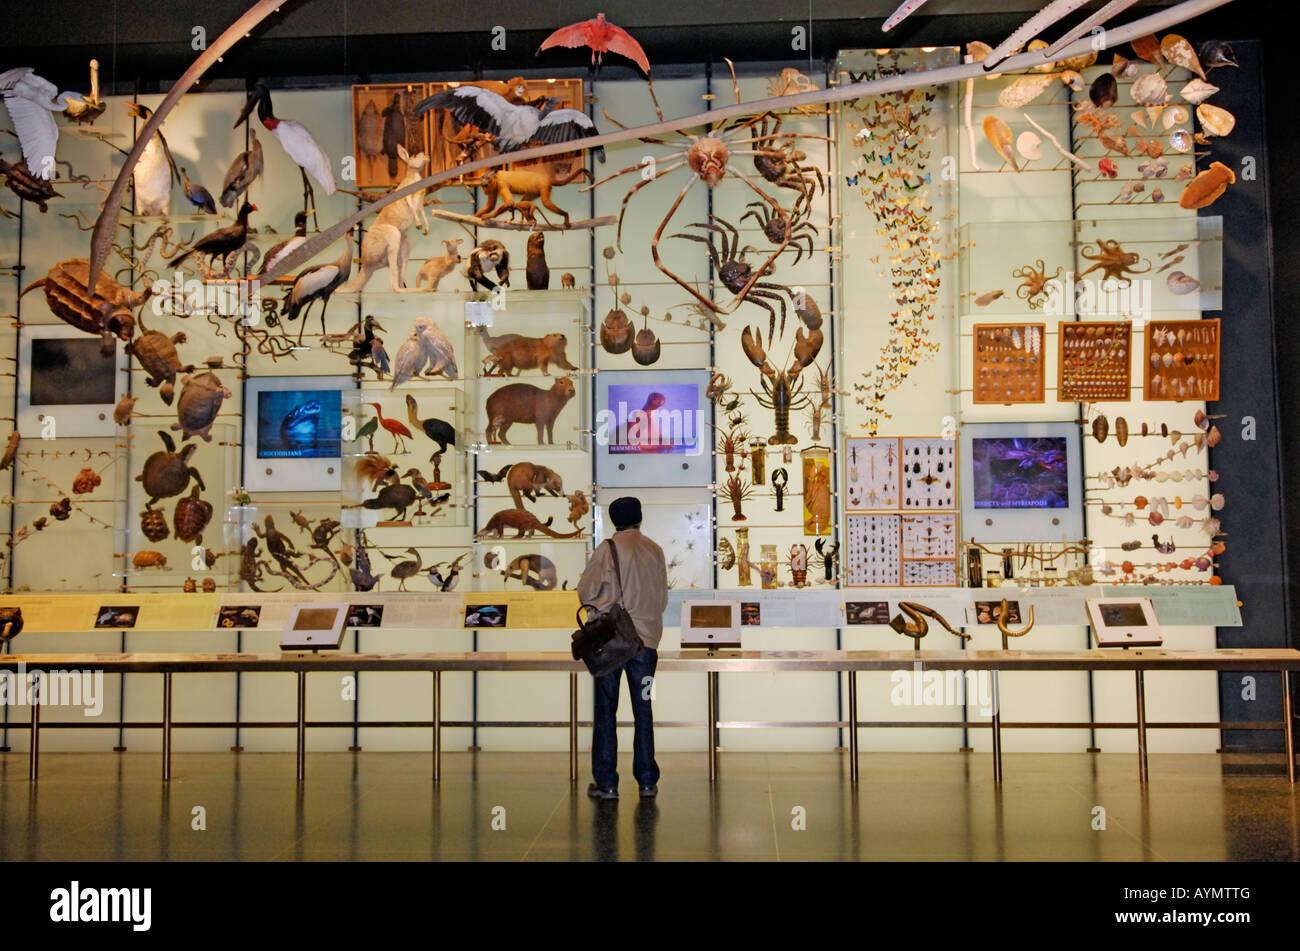 Un homme regarde un affichage dans le Hall de la biodiversité Musée Américain d'Histoire Naturelle Photo Stock